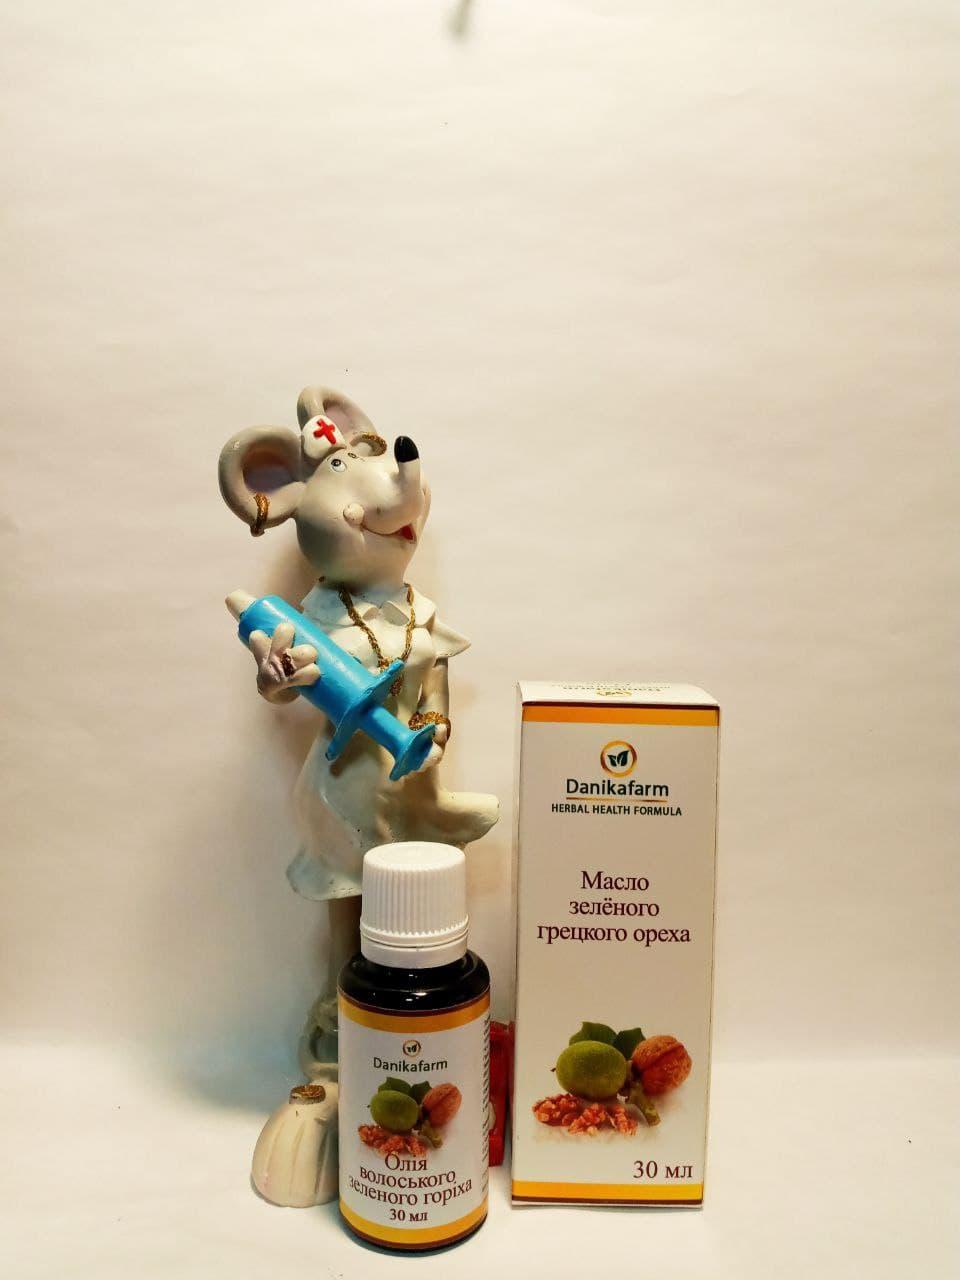 масло зеленого грецкого ореха как мощное природное средство для организма при заболеваниях щитовидной железы, гормоноподобных опухолей, против паразитов